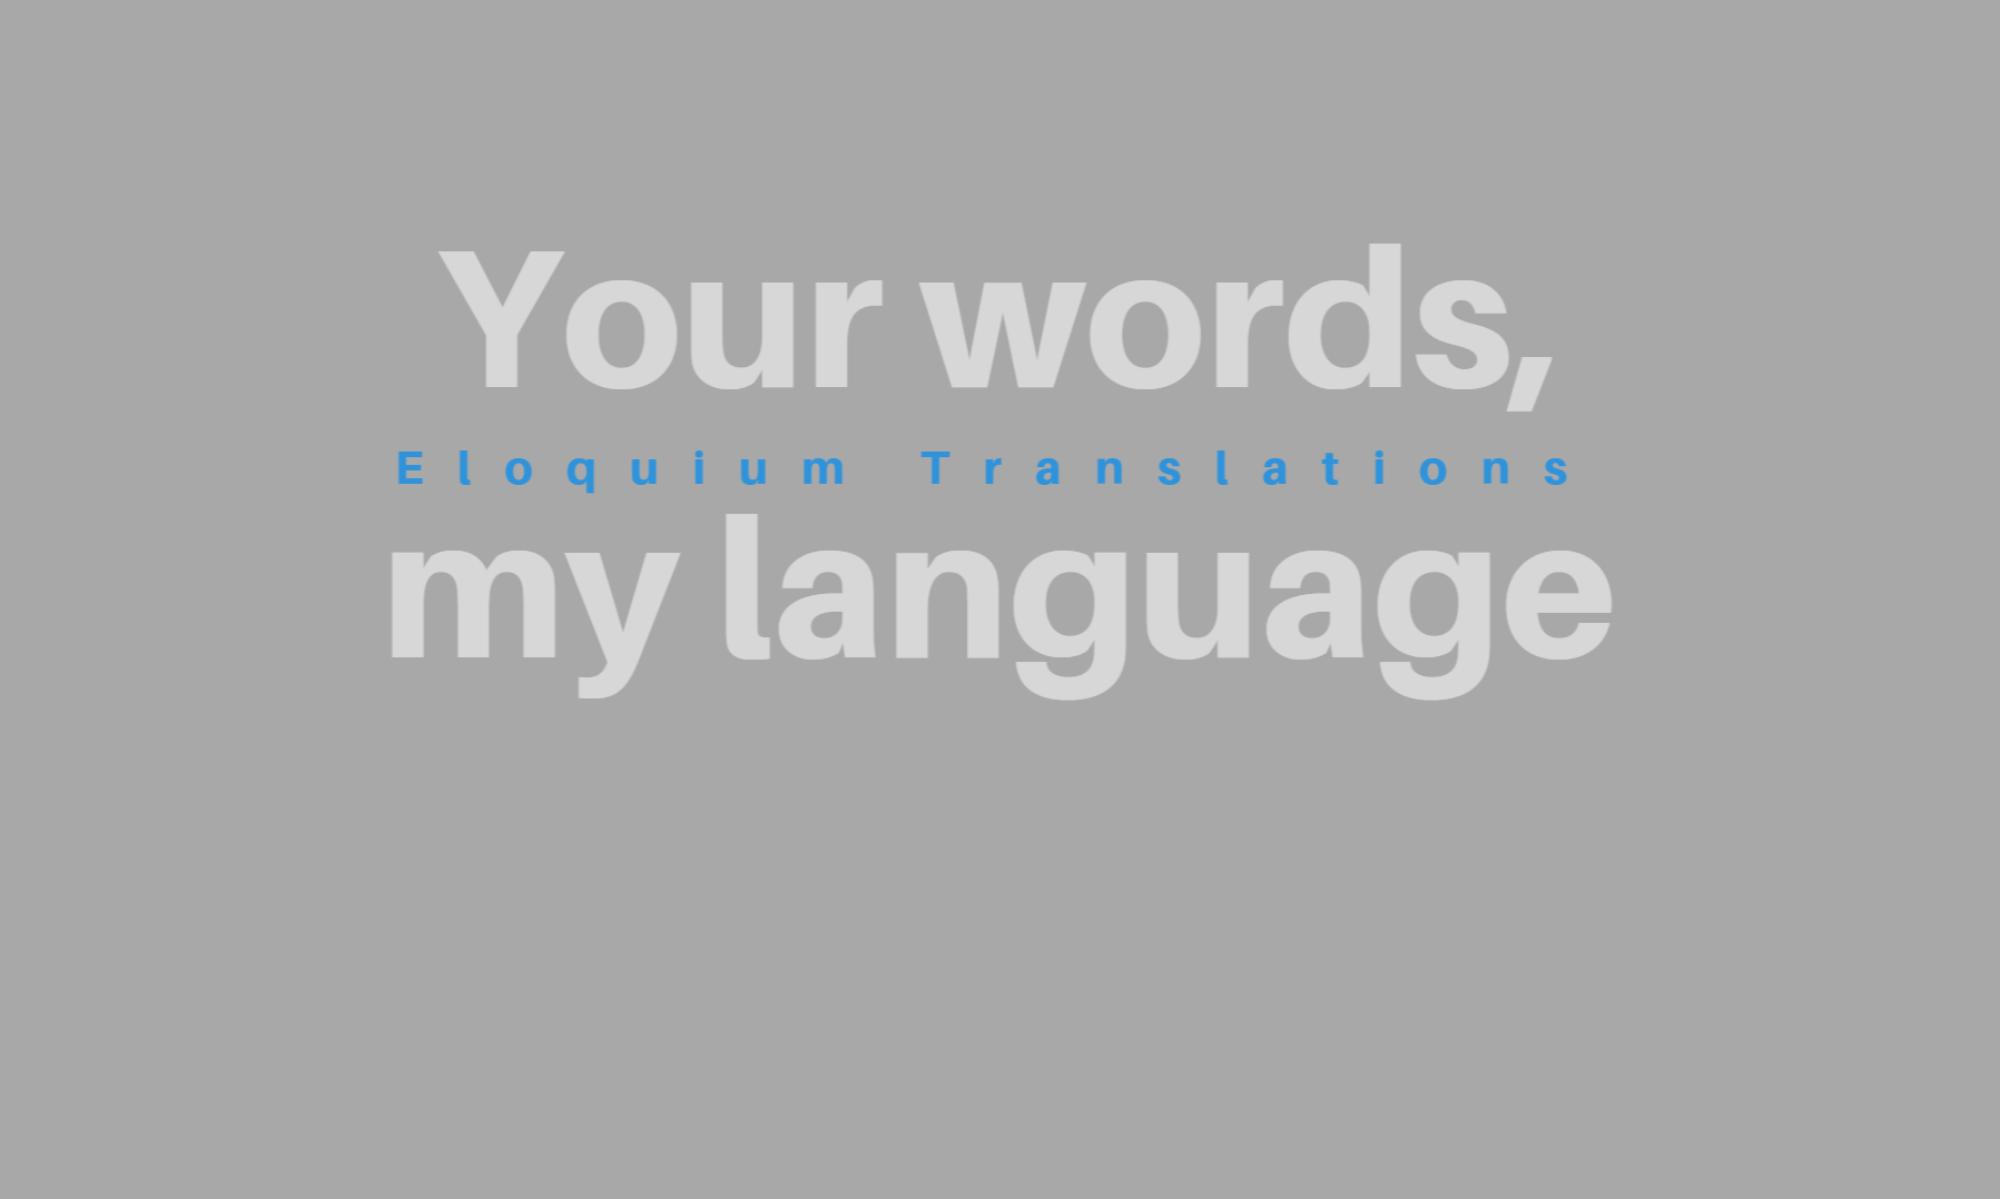 Eloquium Translations